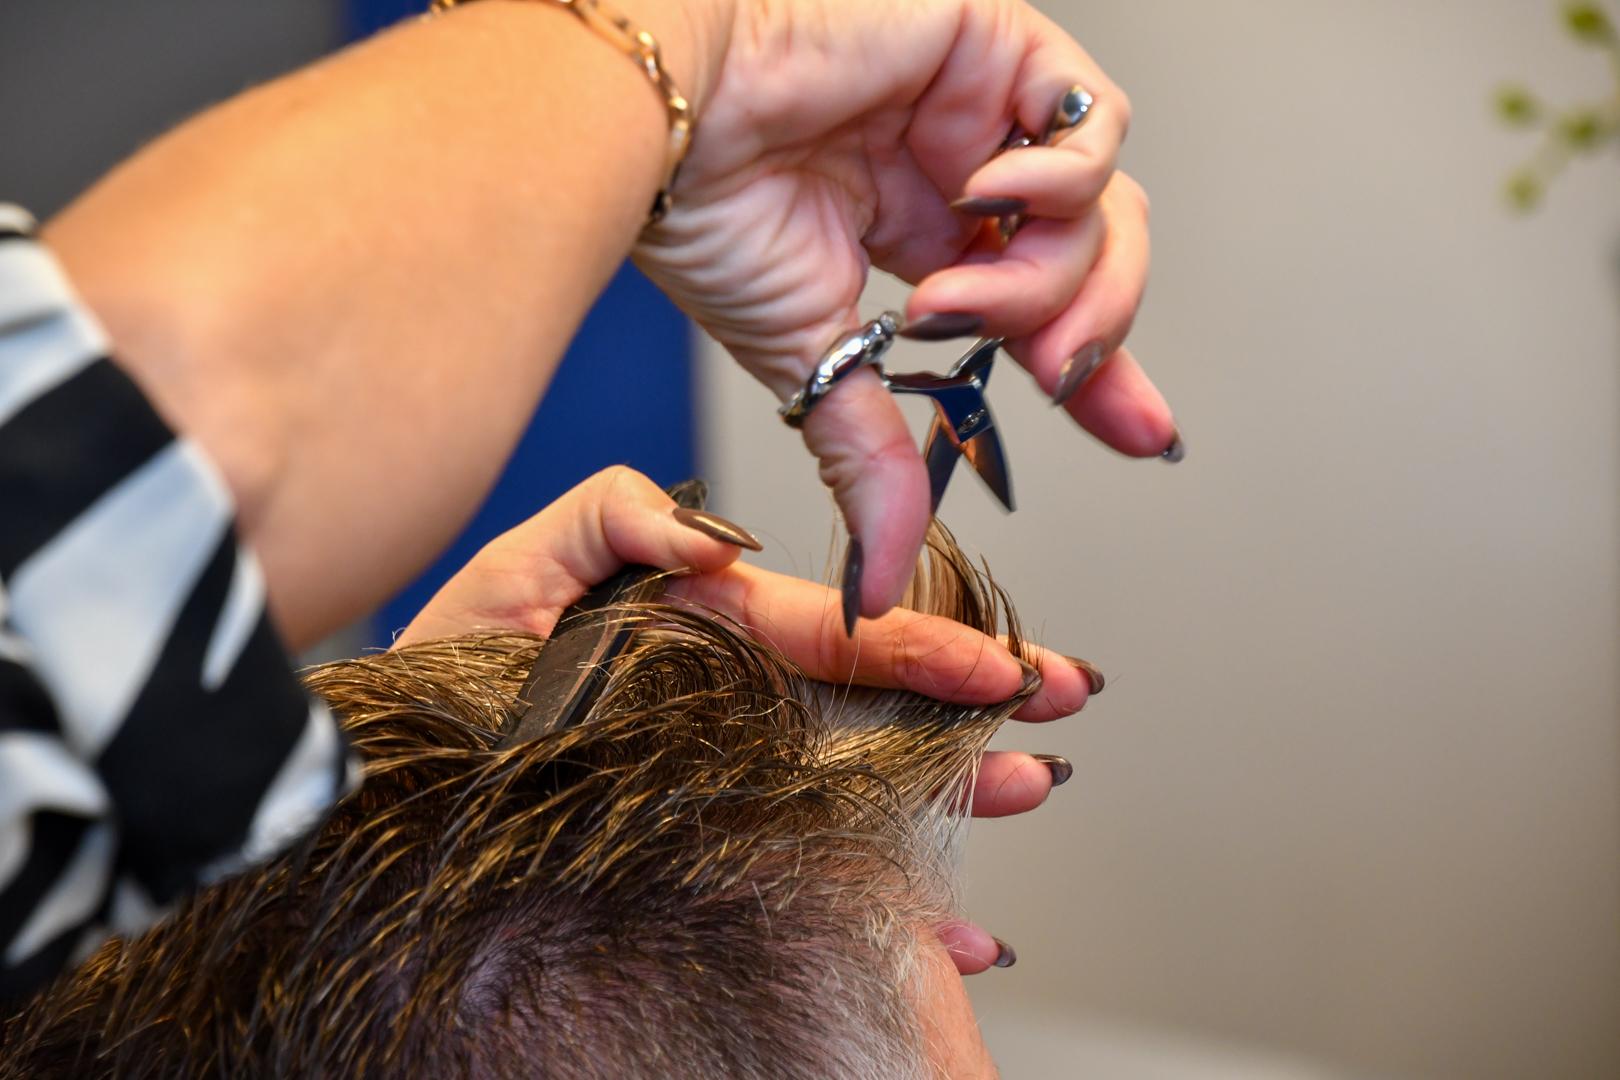 Haren bijknippen bij Hairstudio Classic's